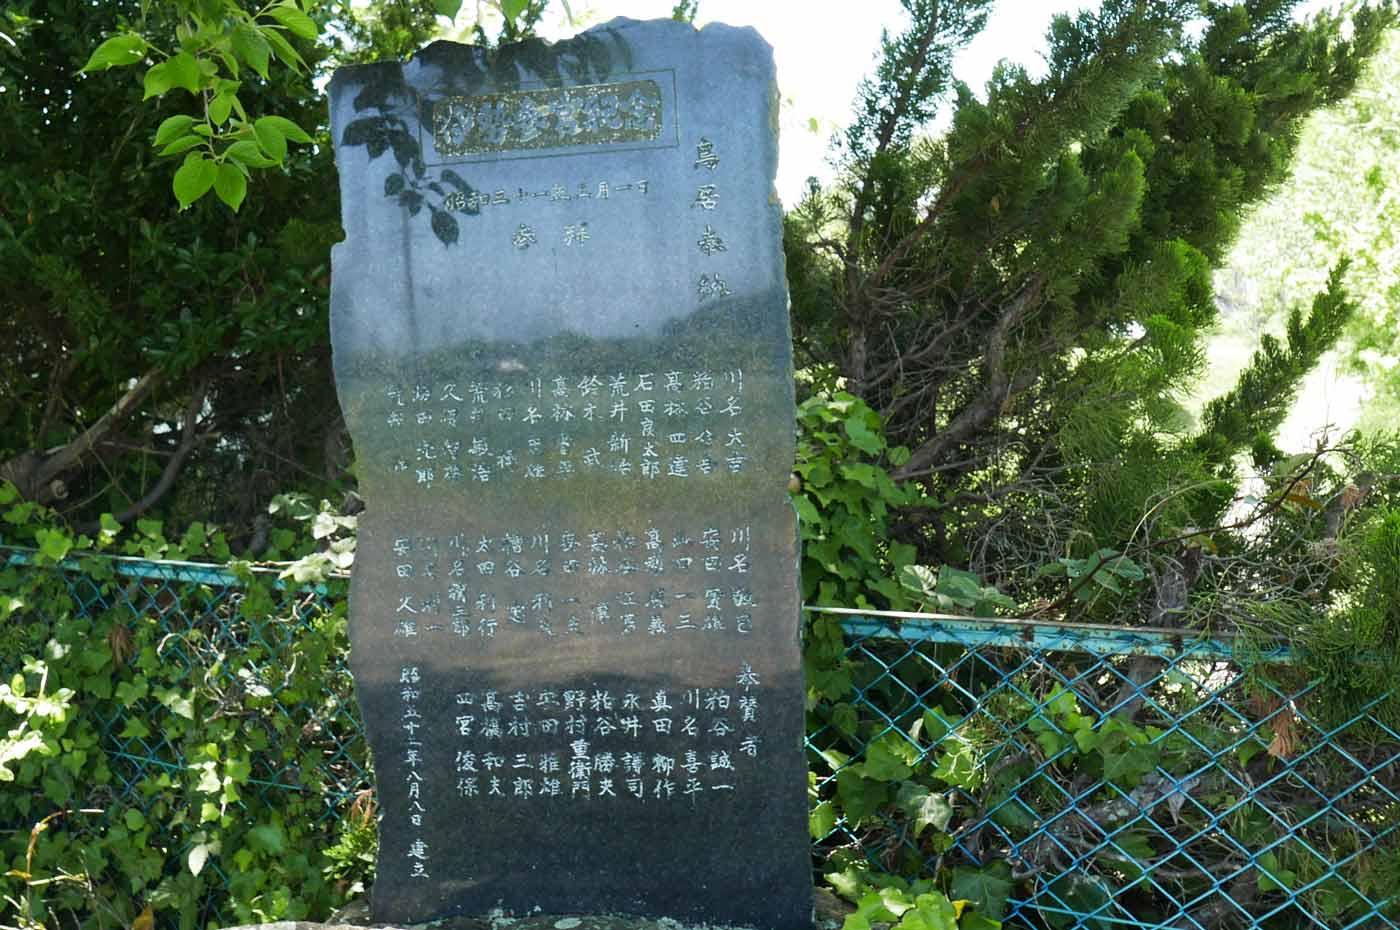 伊勢参宮記念の画像